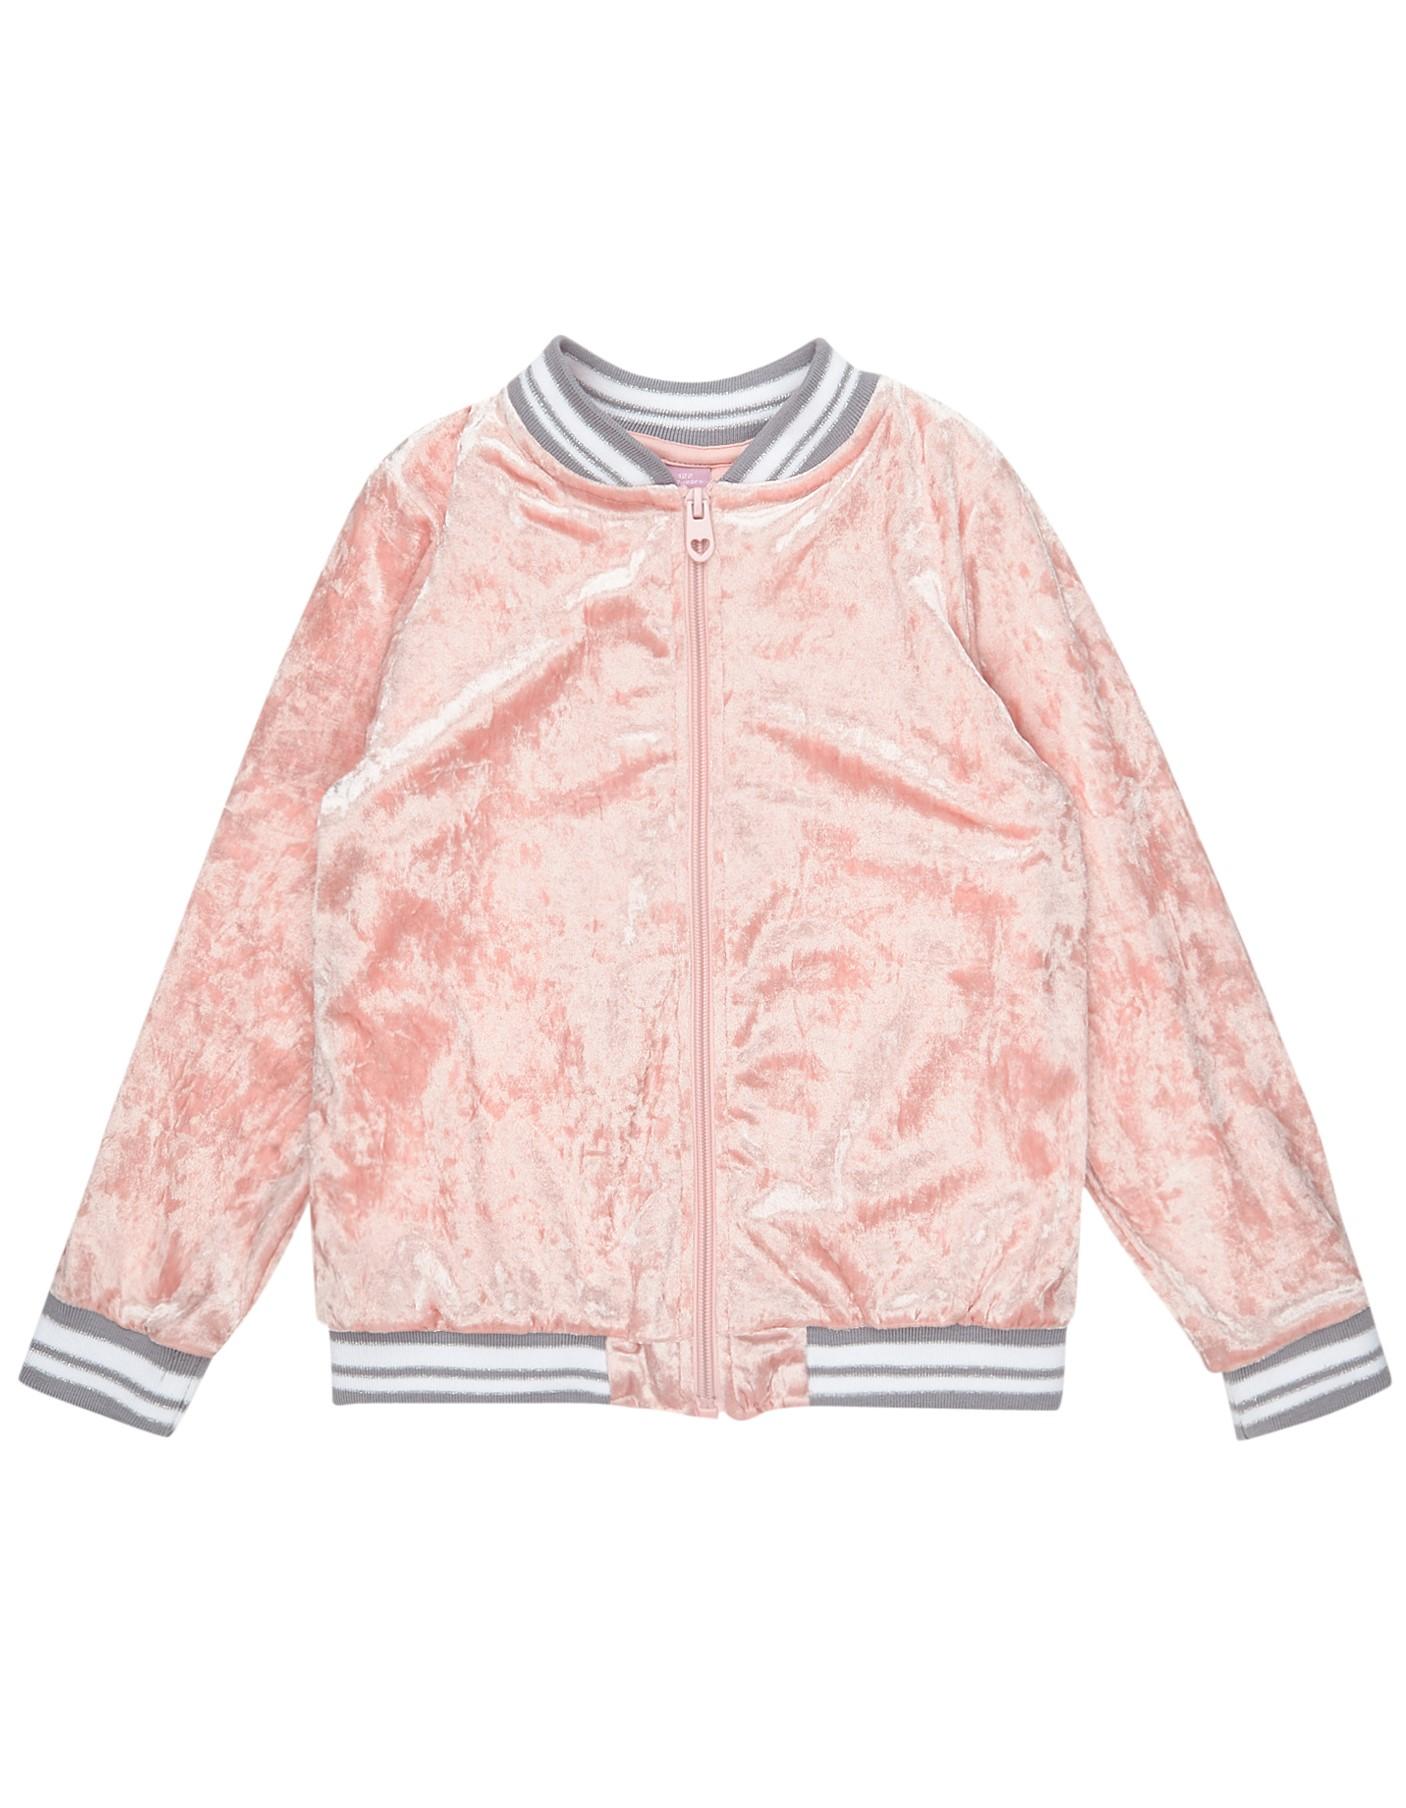 Mädchen Sweatjacke aus Samt rosa   81519904040807